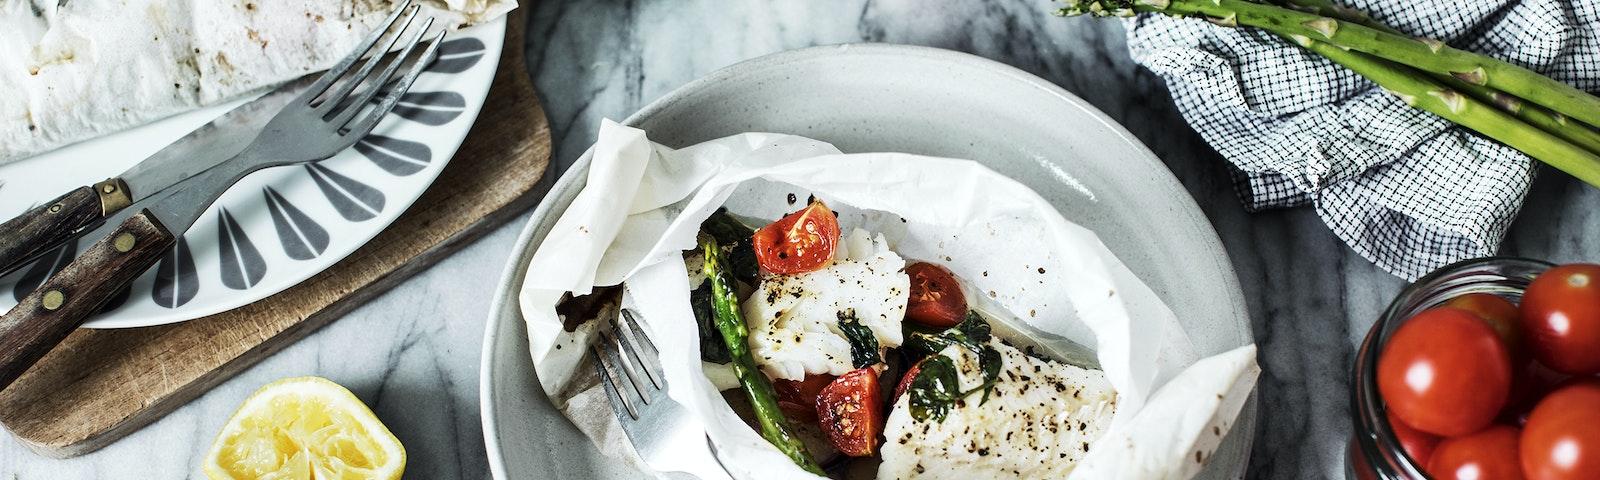 Bagt fisk med grøntsager